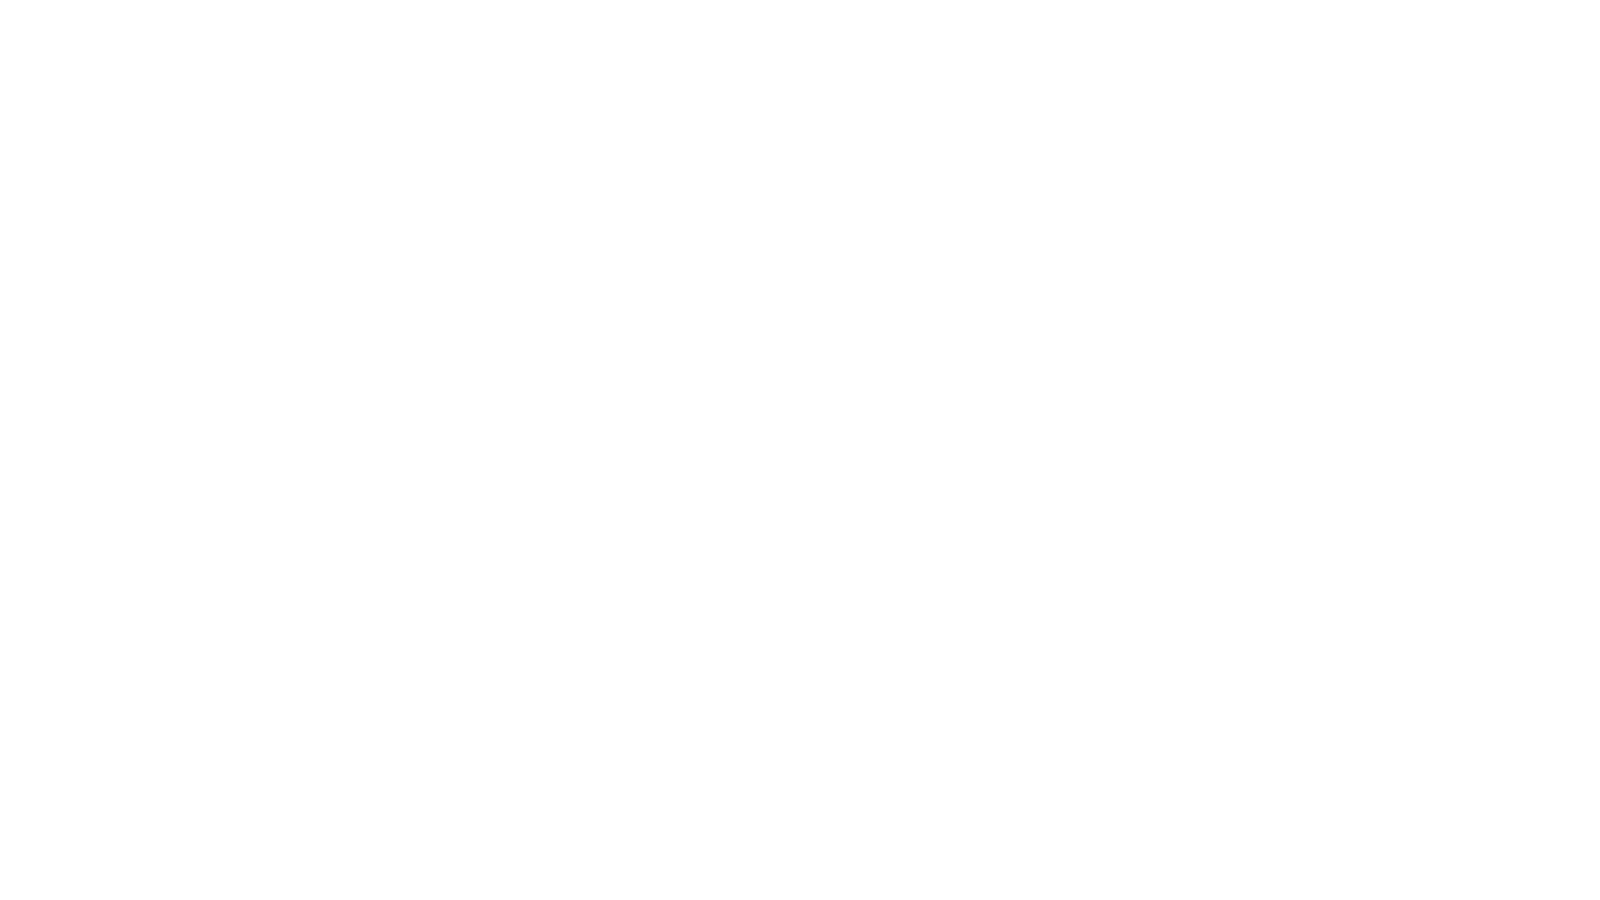 """В видео поговорим про то, как справиться с тревожностью, тревогой, беспокойством и паническими атаками. Я расскажу про лучшие техники совладания с тревогой, которые активно и успешно использую в работе с клиентами.  МОЯ ОБУЧАЮЩАЯ РАССЫЛКА """"1000 И 1 ШАГ"""" (БЕЗОПЛАТНО) http://alexagureeva.tilda.ws/mailing1001  МОЙ САЙТ СО СТАТЬЯМИ http://www.agureeva.net/  МЕНЯ МОЖНО НАЙТИ ЕЩЕ И ЗДЕСЬ https://www.instagram.com/alexandra.agureeva/?hl=ru https://t.me/agureevaalexandra  Запись на консультацию: agureevaalexandra@yandex.by  #тревога #тревожность #тревожноерасстройство #паническиеатаки #паническаяатака #паническоерасстройство #агурееваалександра"""